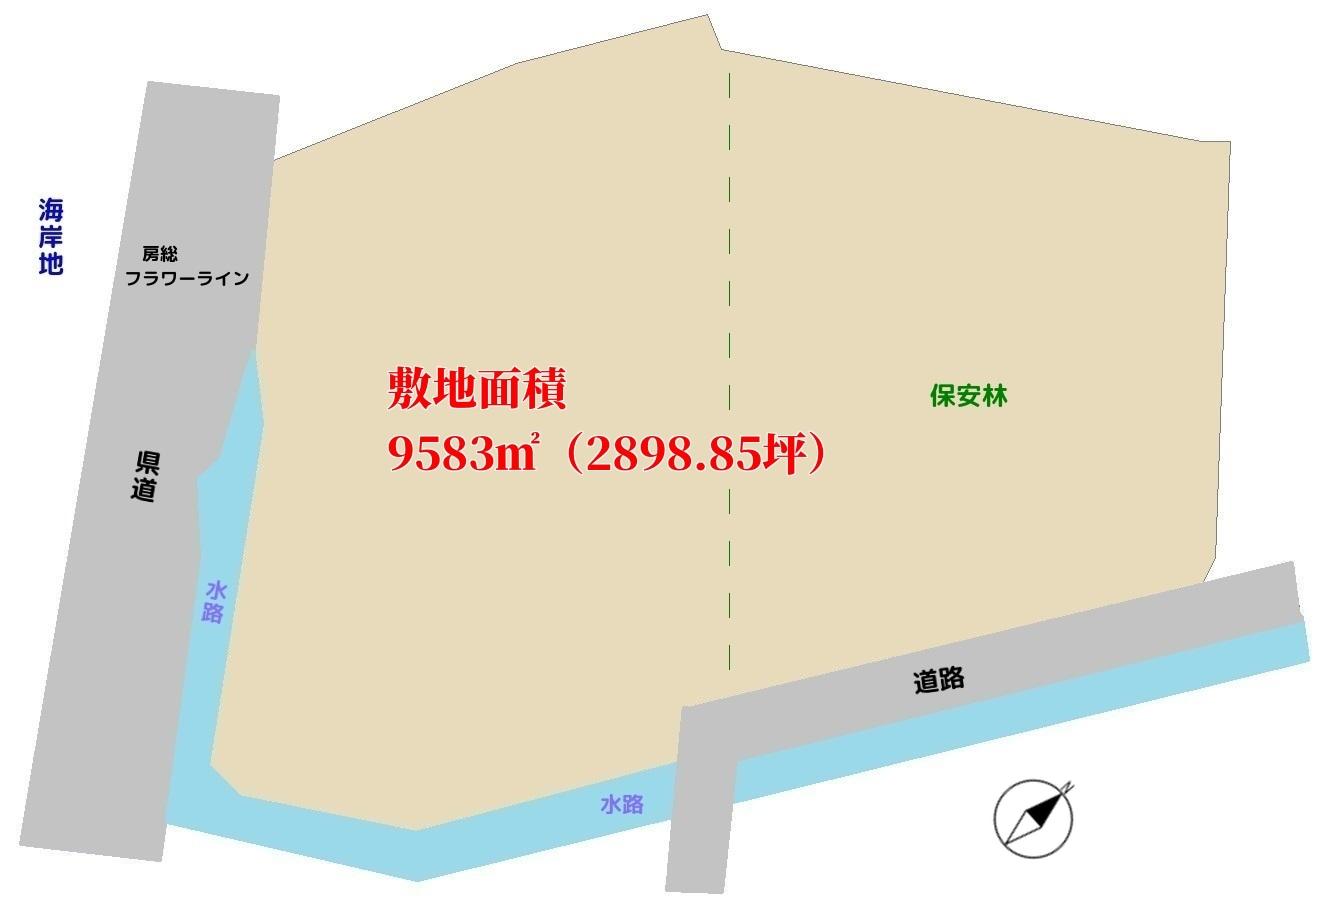 千葉県館山市佐野の売地 海が見える土地 広い土地 南総ユニオン株式会社